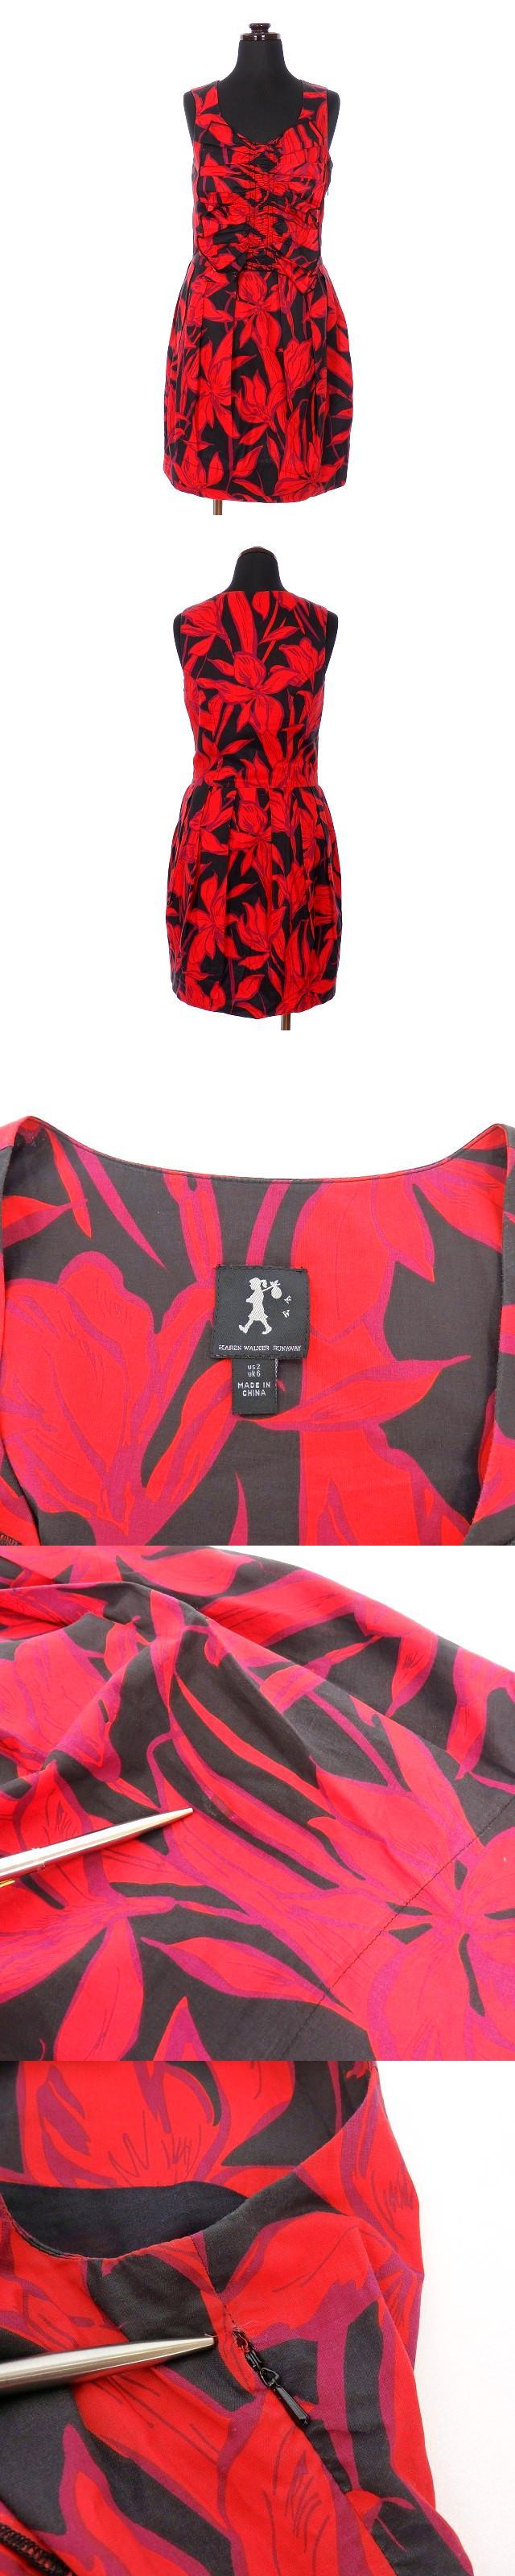 フラワープリント 花柄 ノースリーブワンピース チュニック US2 レッド/ブラック 赤 黒 春夏